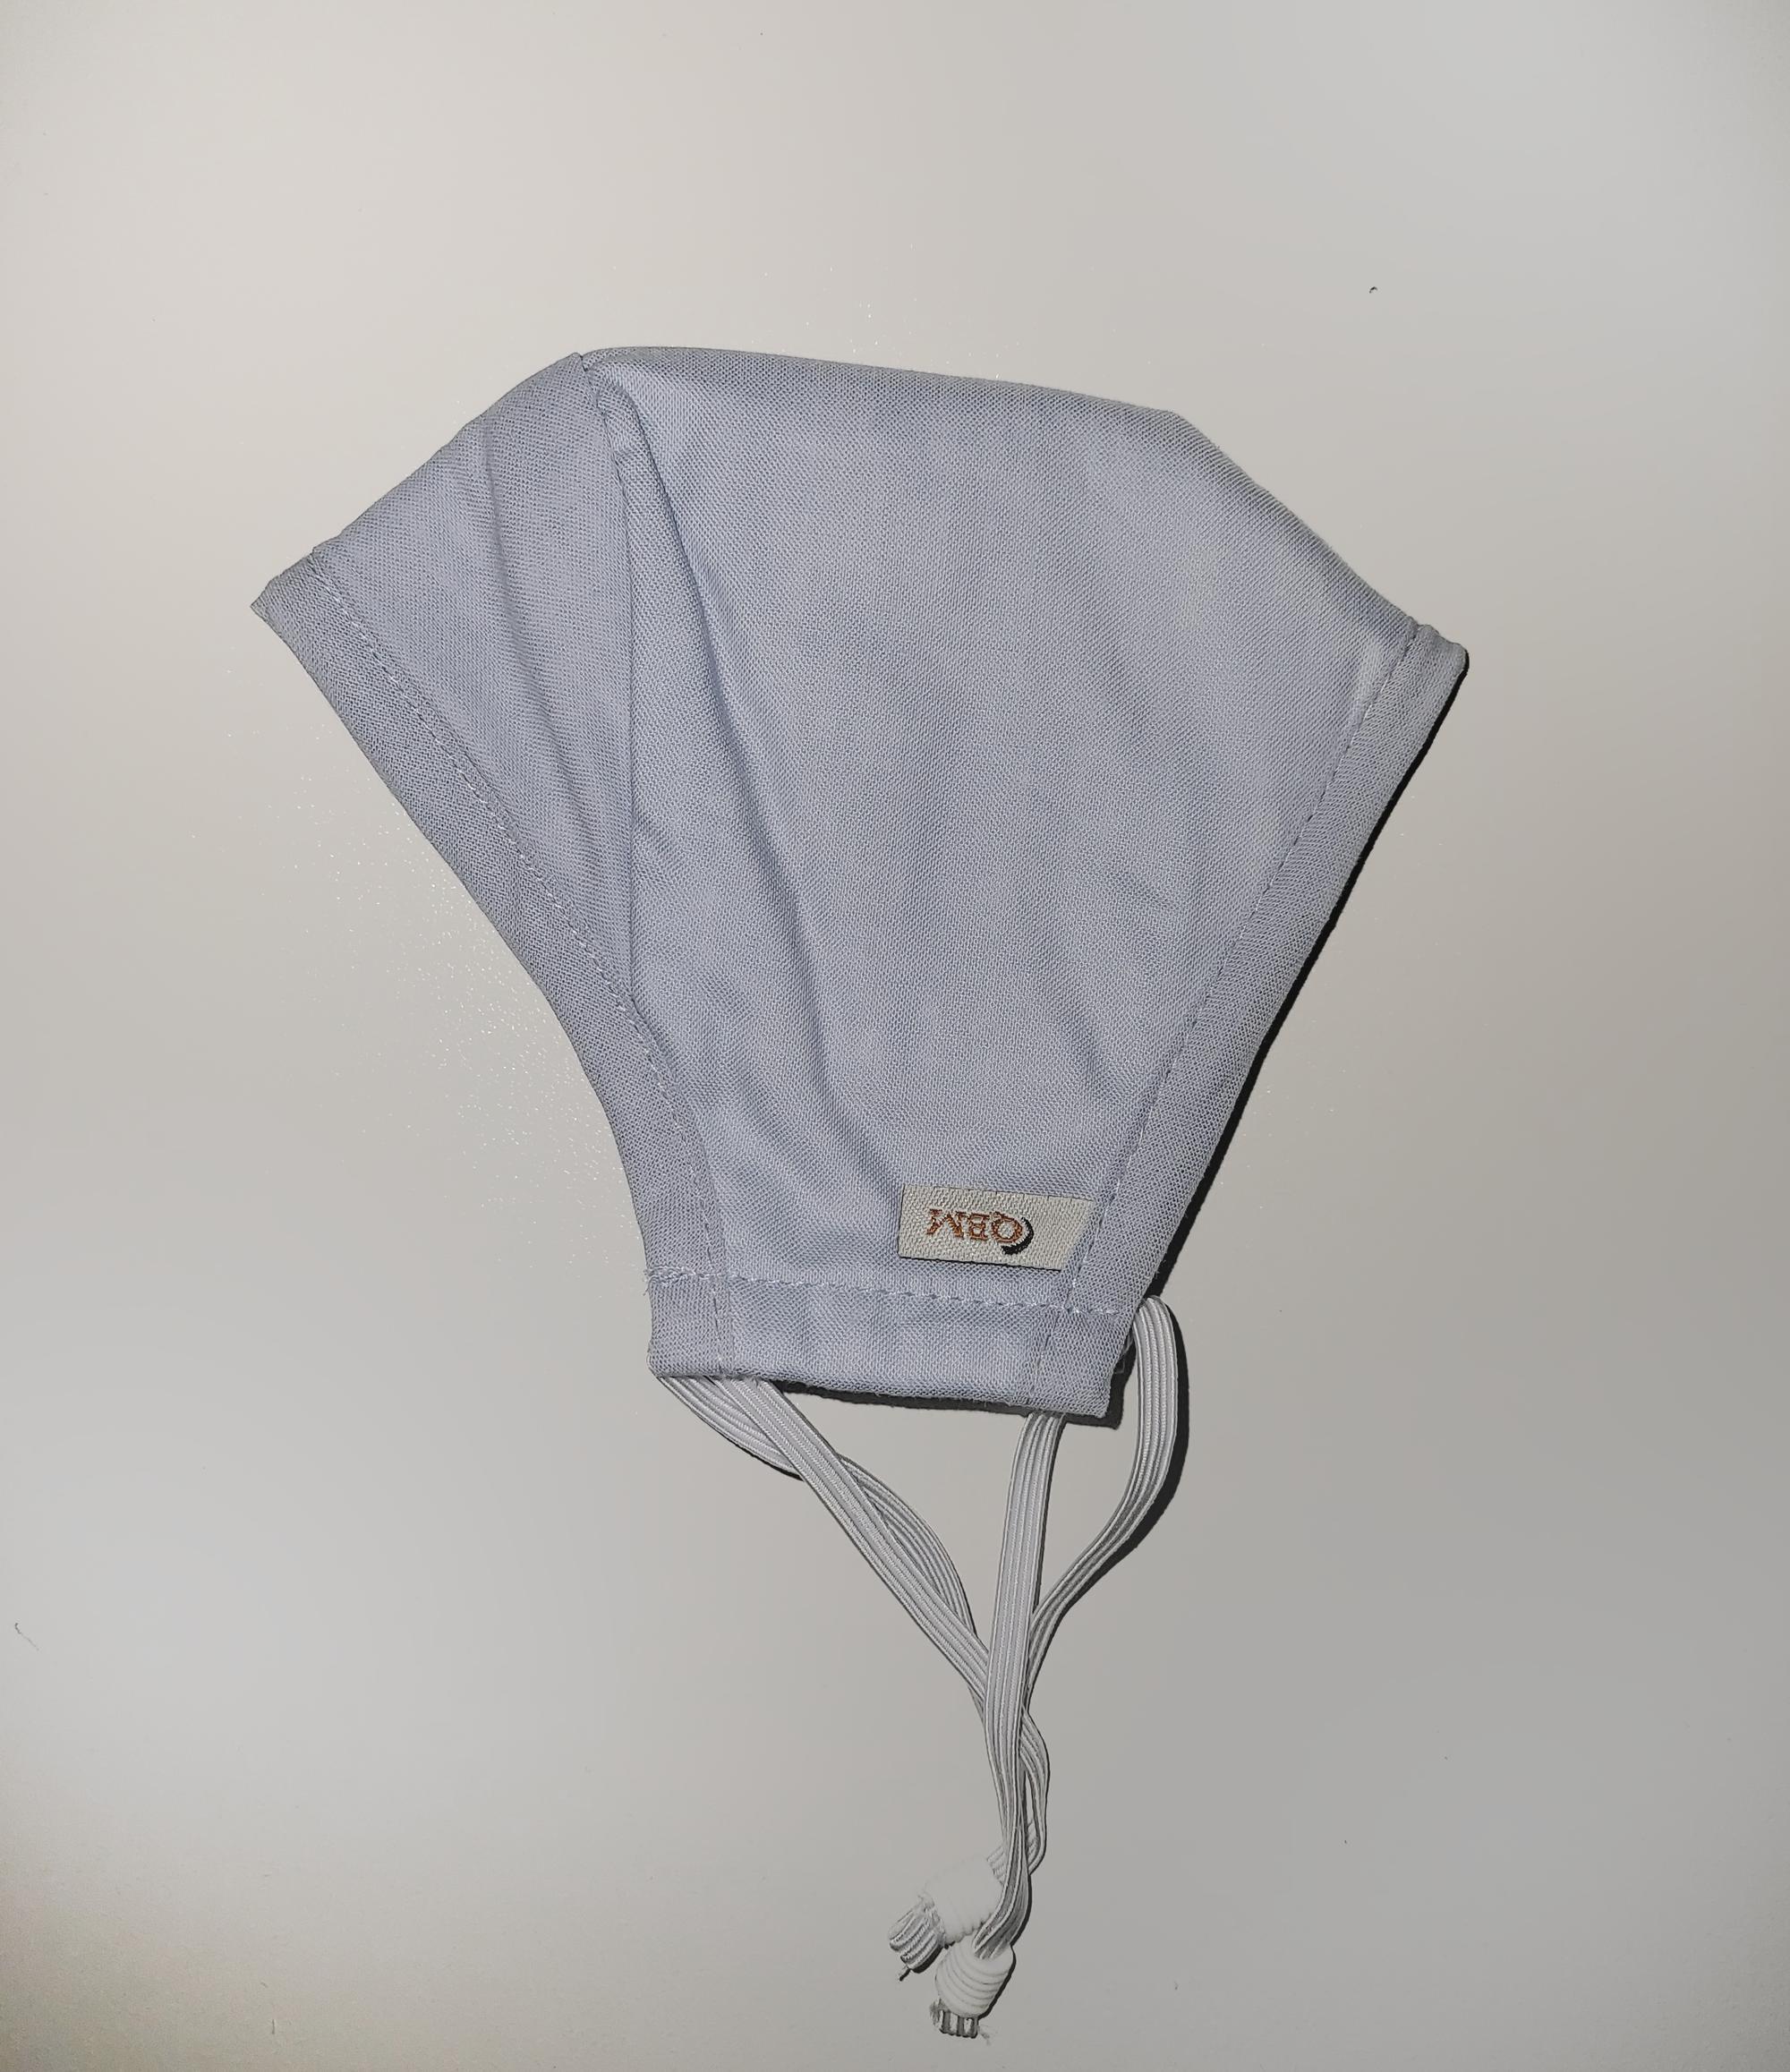 Masque Tissu Haute Protection 4 Couches Avec Cuivre 50 Lavages Bleu